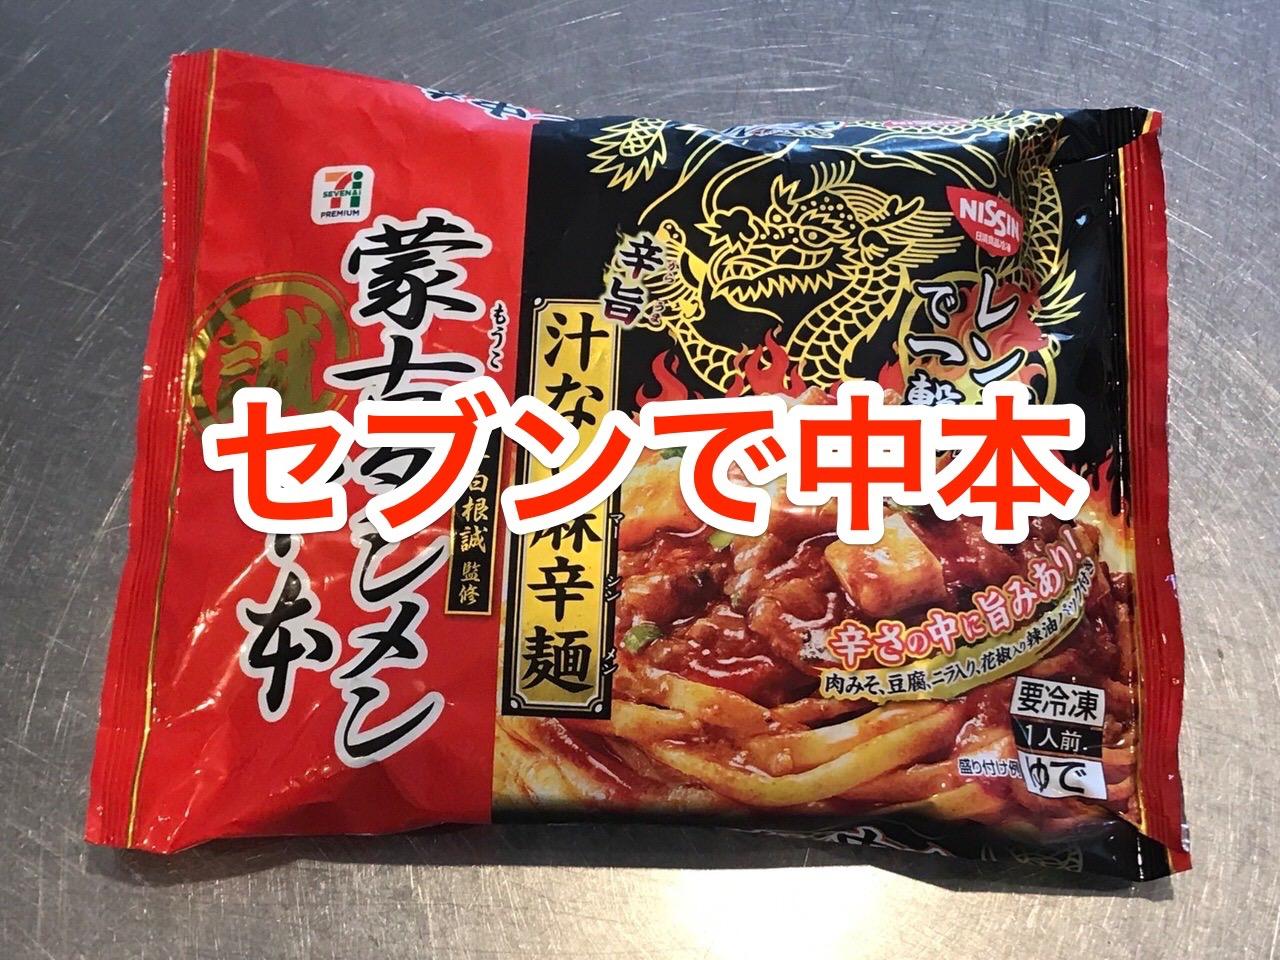 【セブンイレブン】レンチンで食べる「蒙古タンメン中本 汁なし麻辣麺」手軽で辛旨!